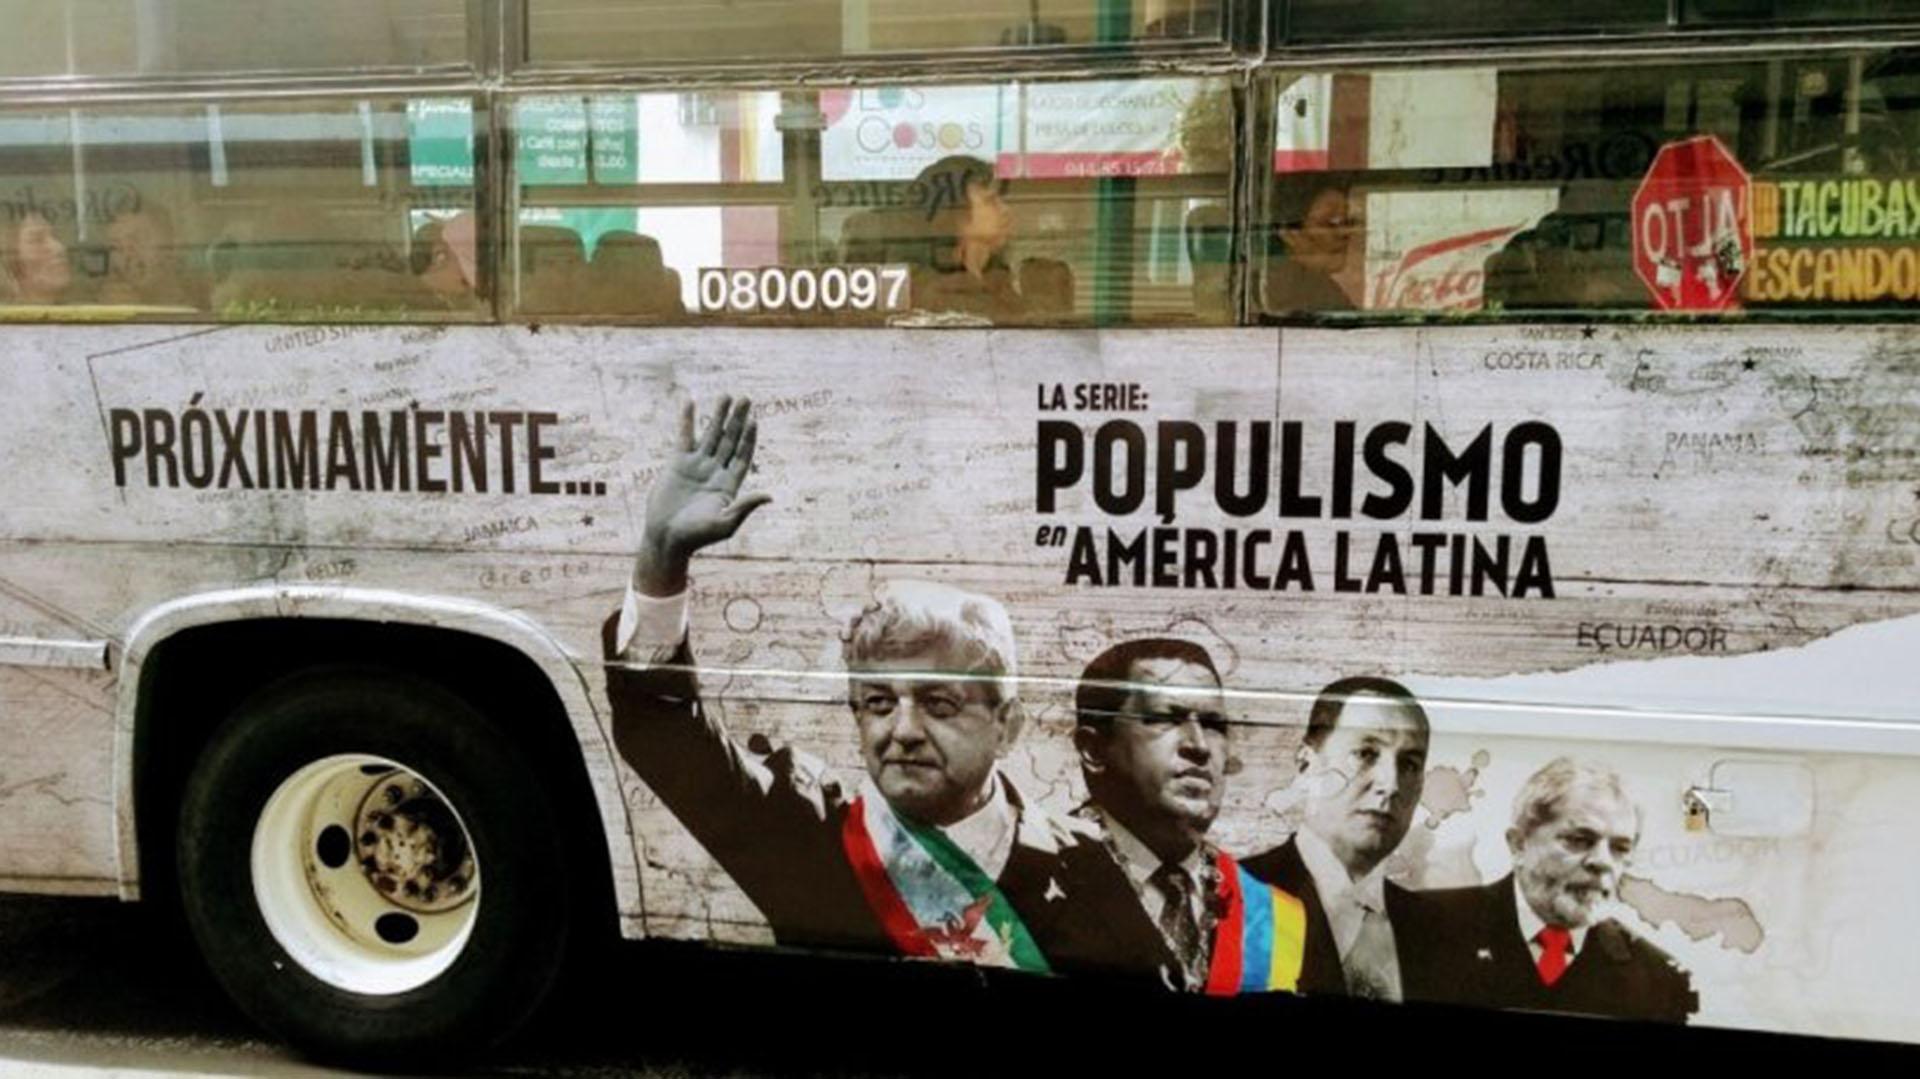 Resultado de imagen para populismo en america